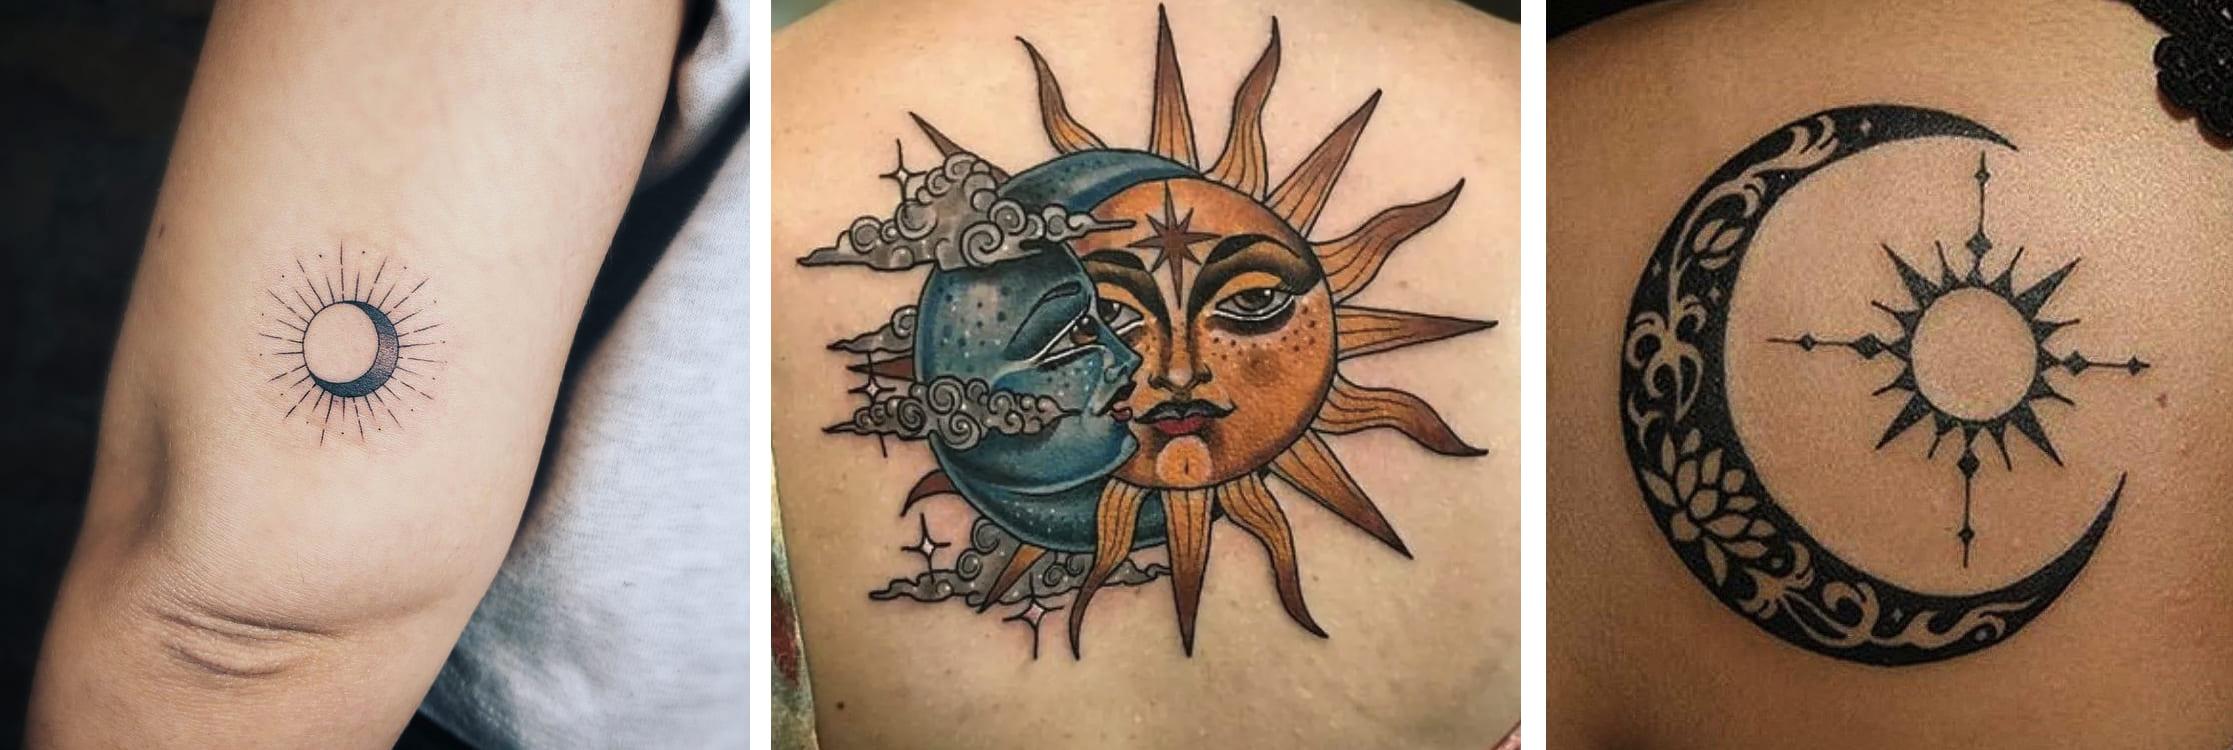 Tatuaggio Tattoo Luna Sole